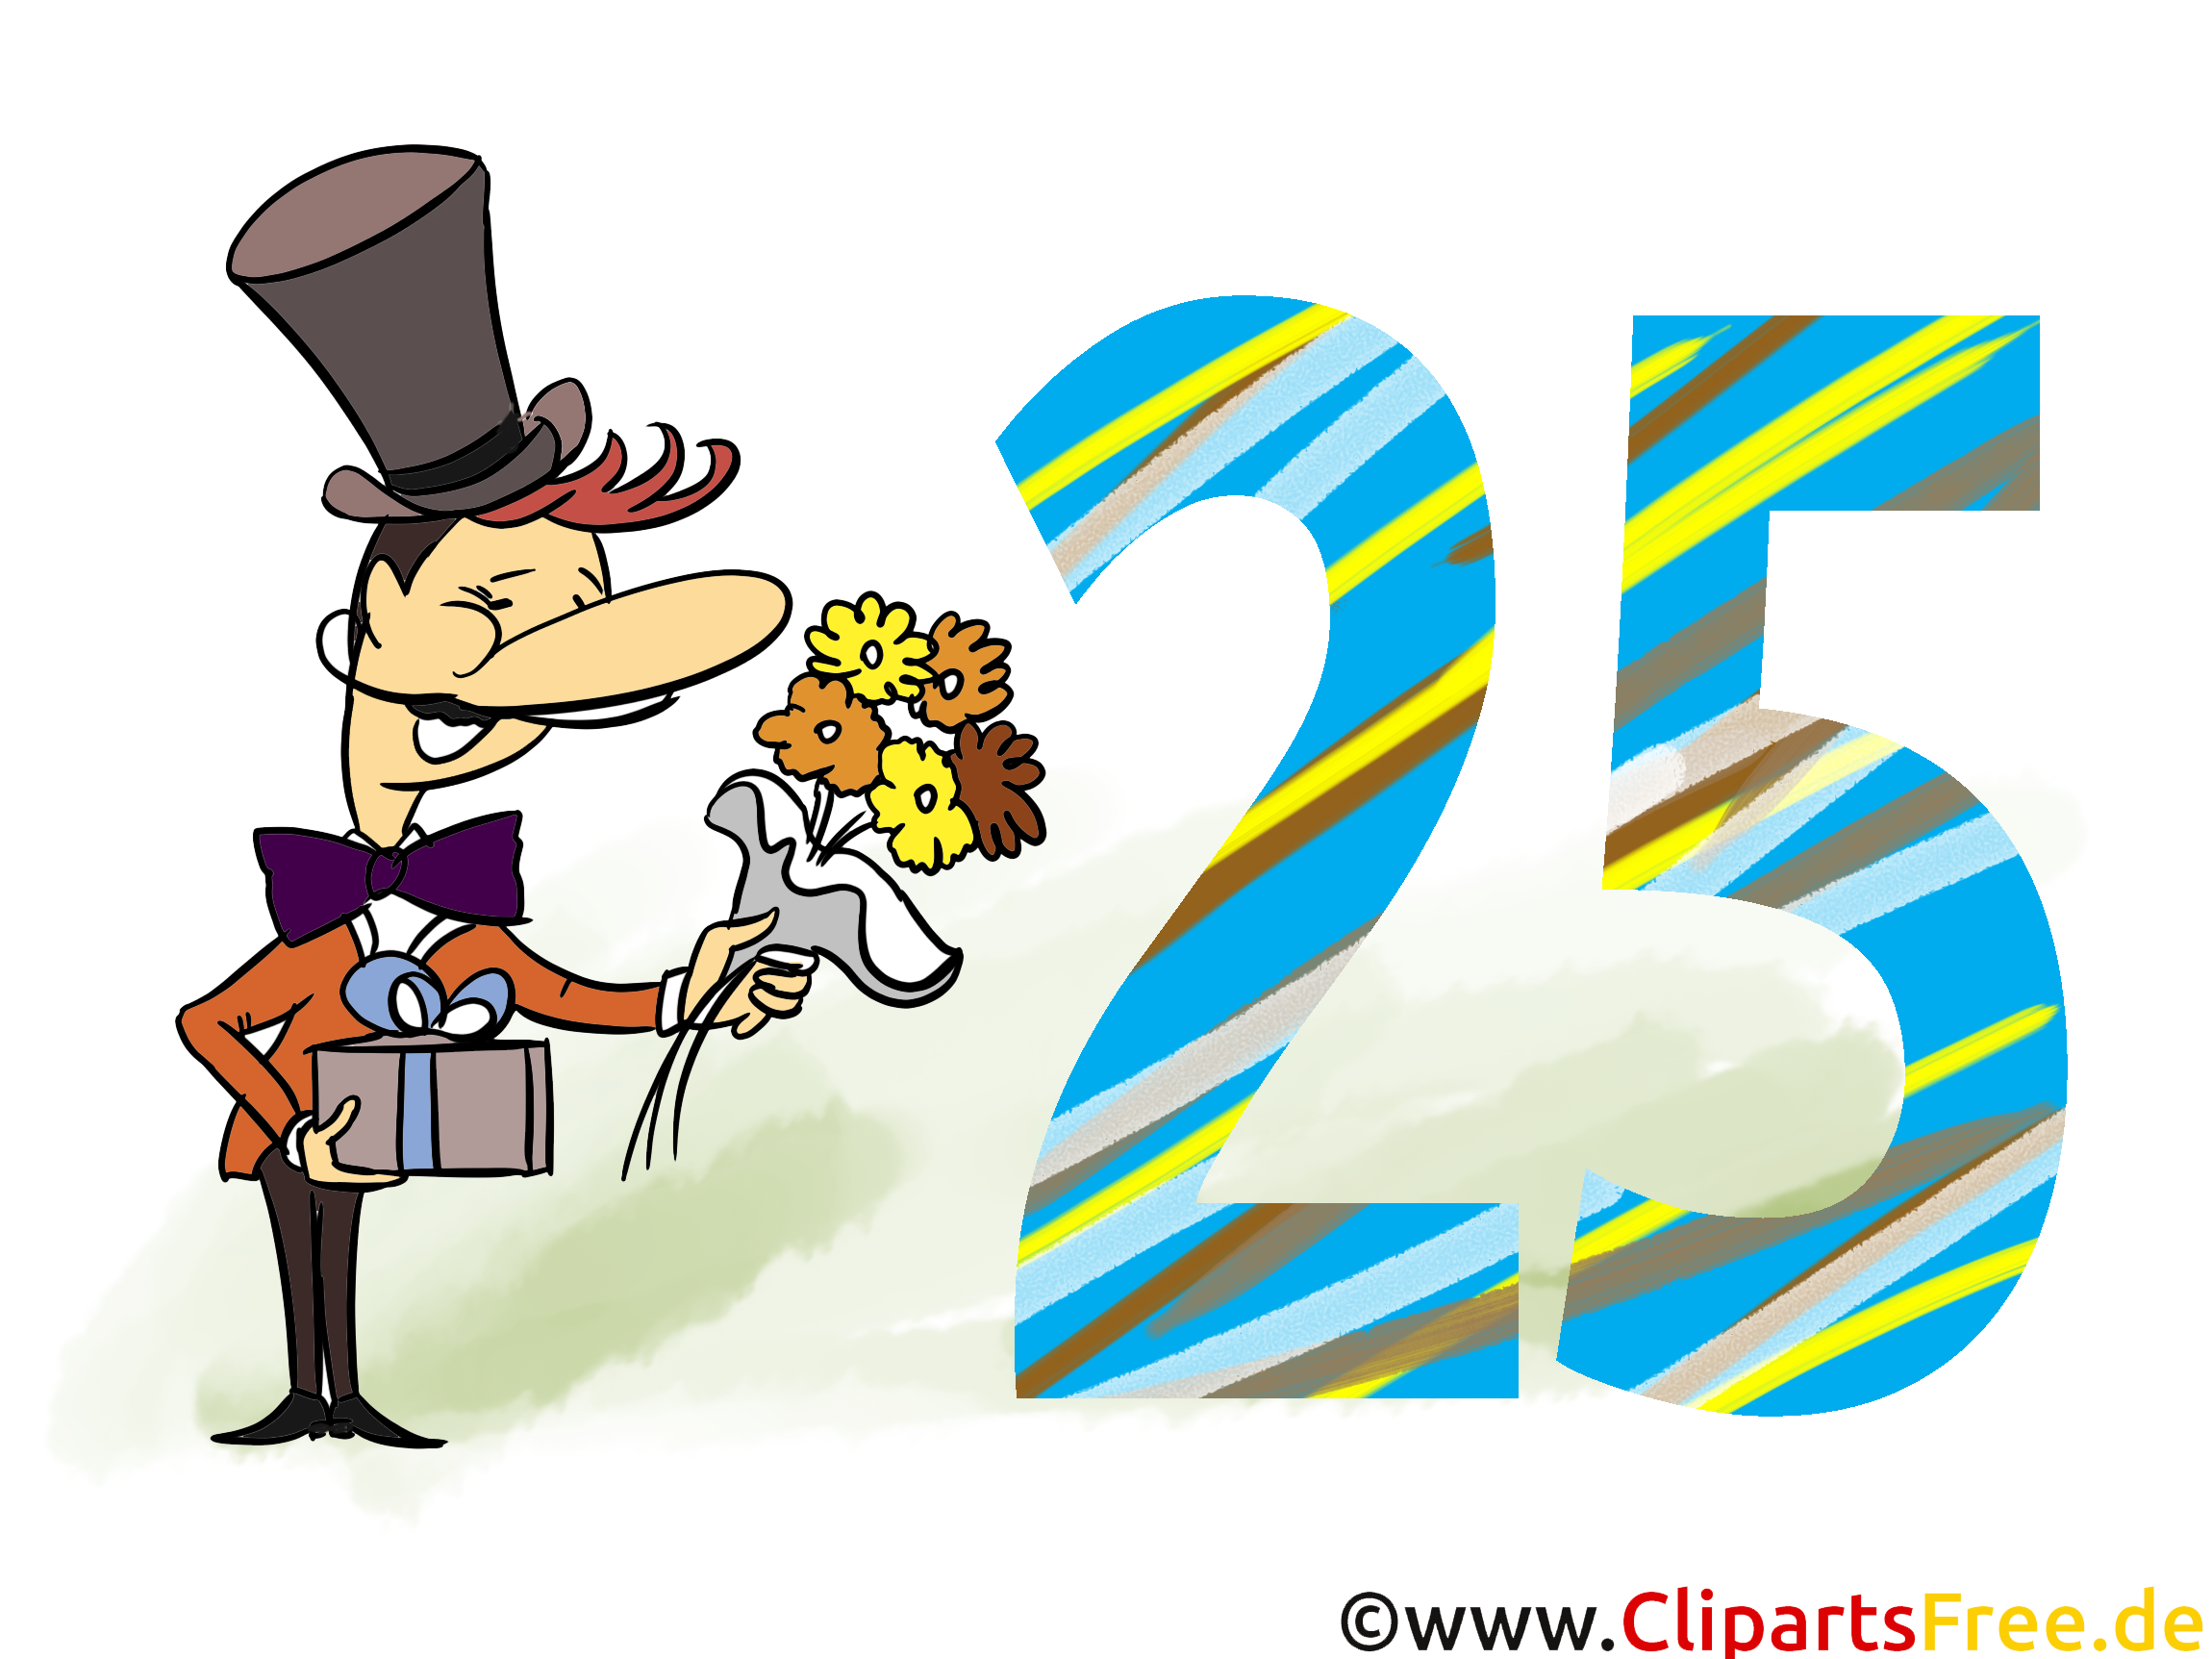 Geburtstagsgr sse bilder karten cliparts zum 25 geburtstag - Geburtstagsbilder zum 25 ...